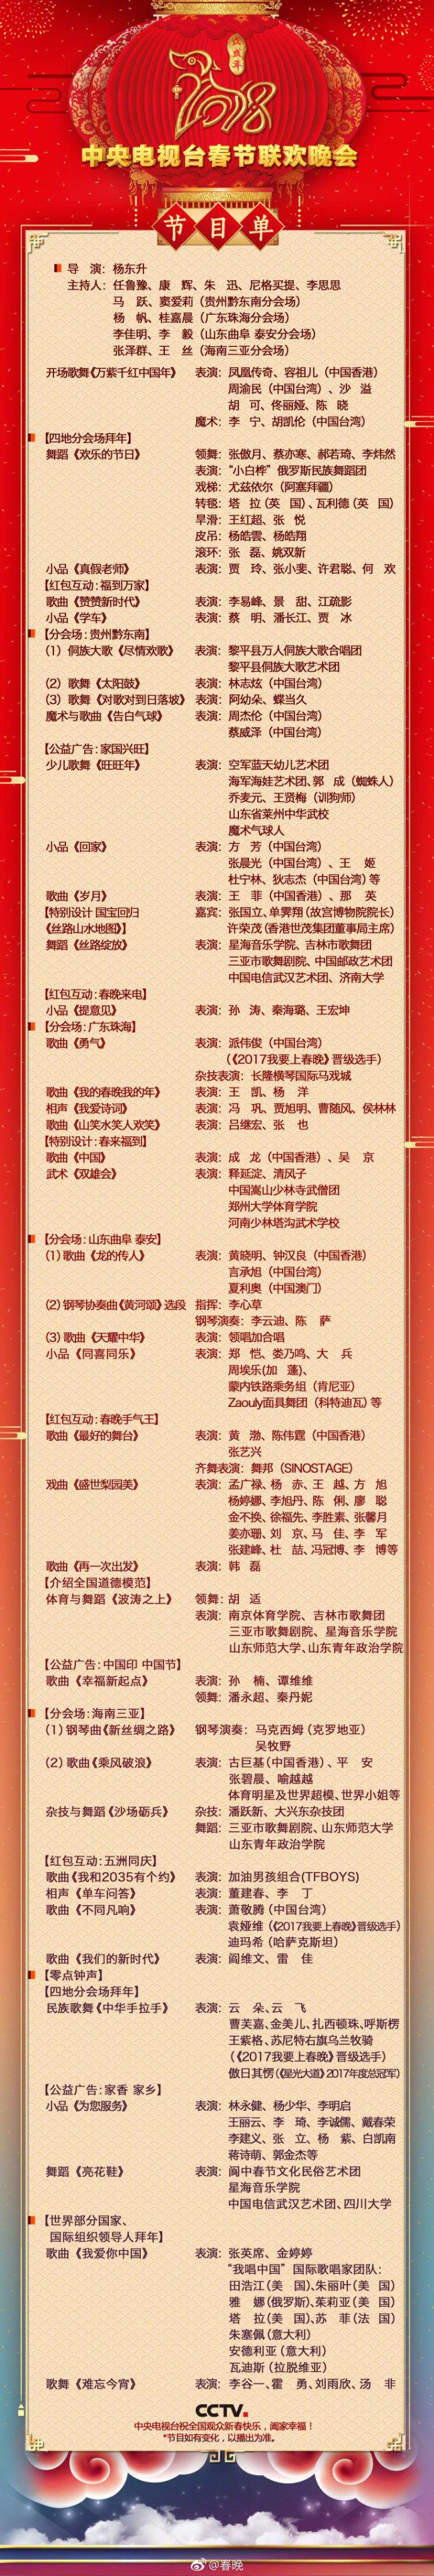 2018央视狗年春晚节目单官方版